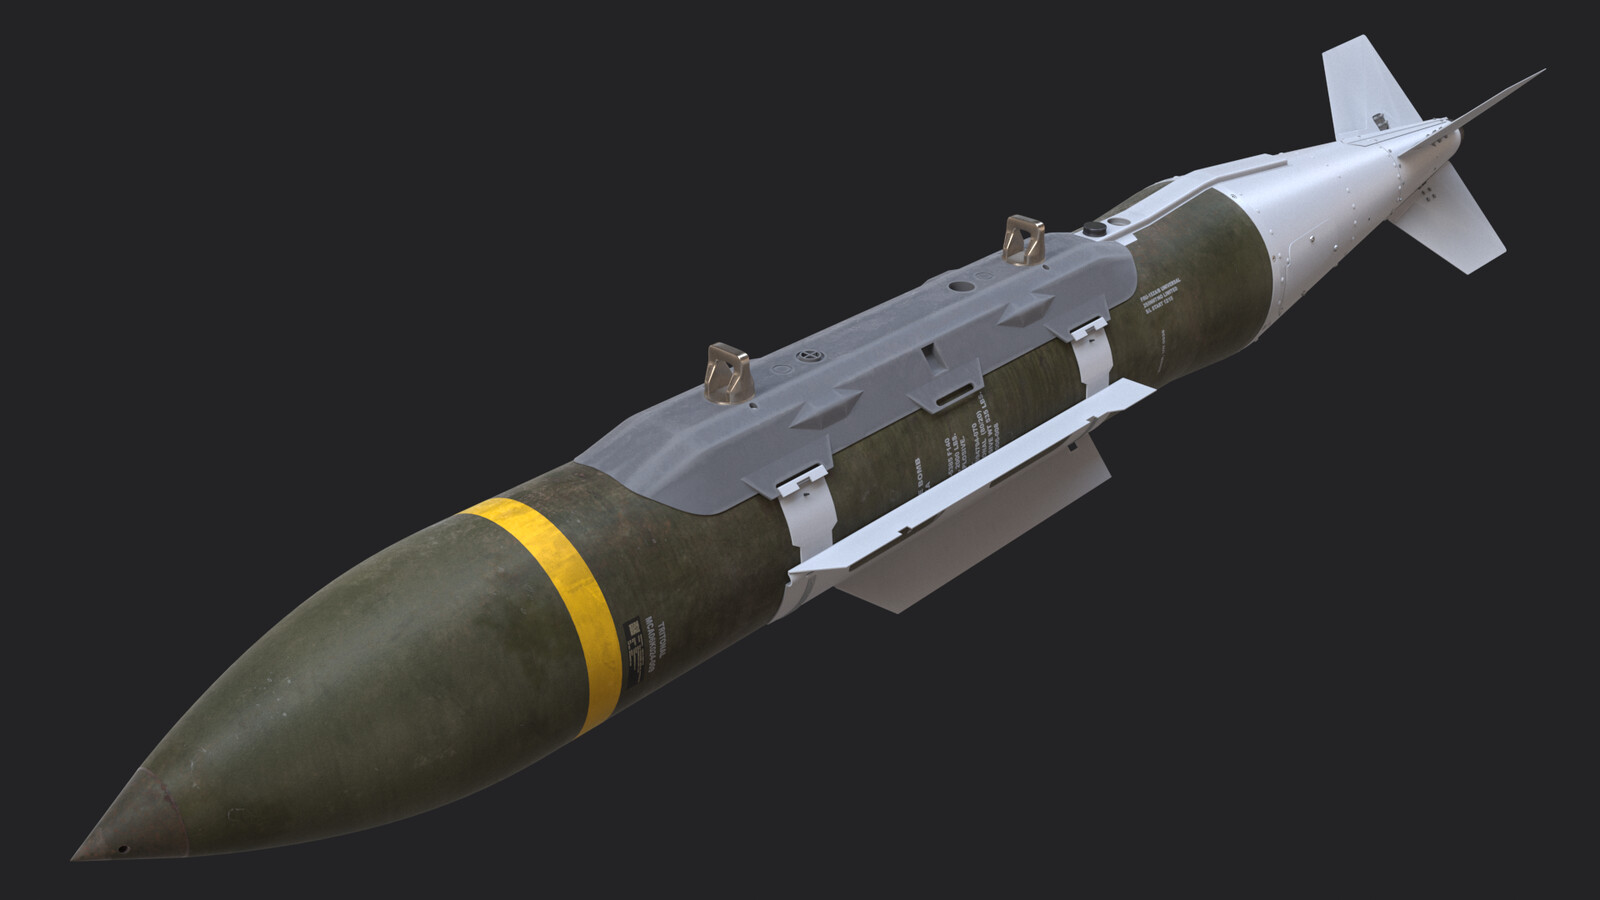 GBU-31(V)3B (BLU-109) JDAM